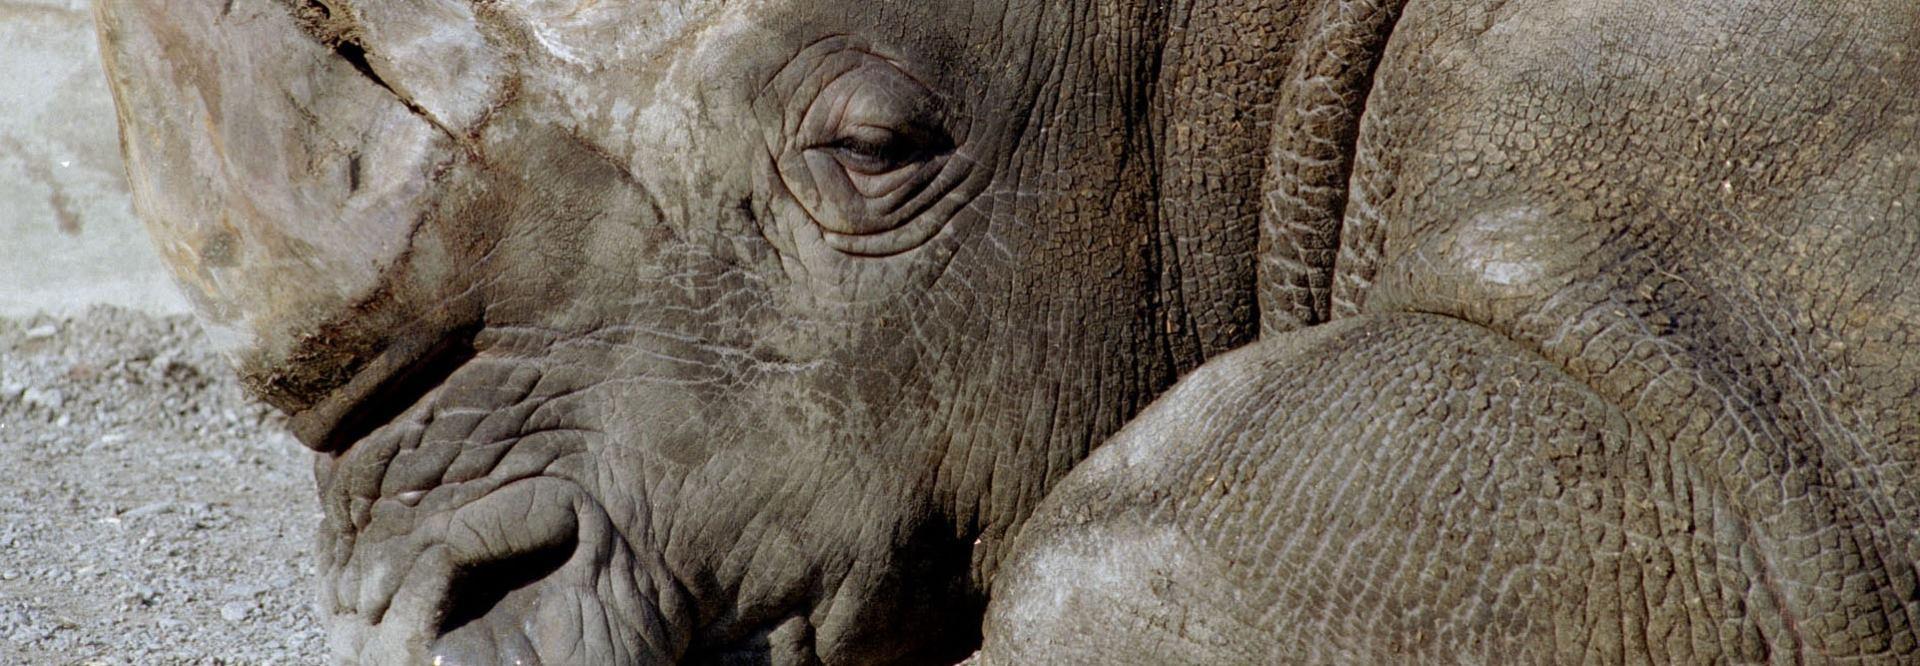 VIDEO: Danas se obilježava Svjetski dan nosoroga